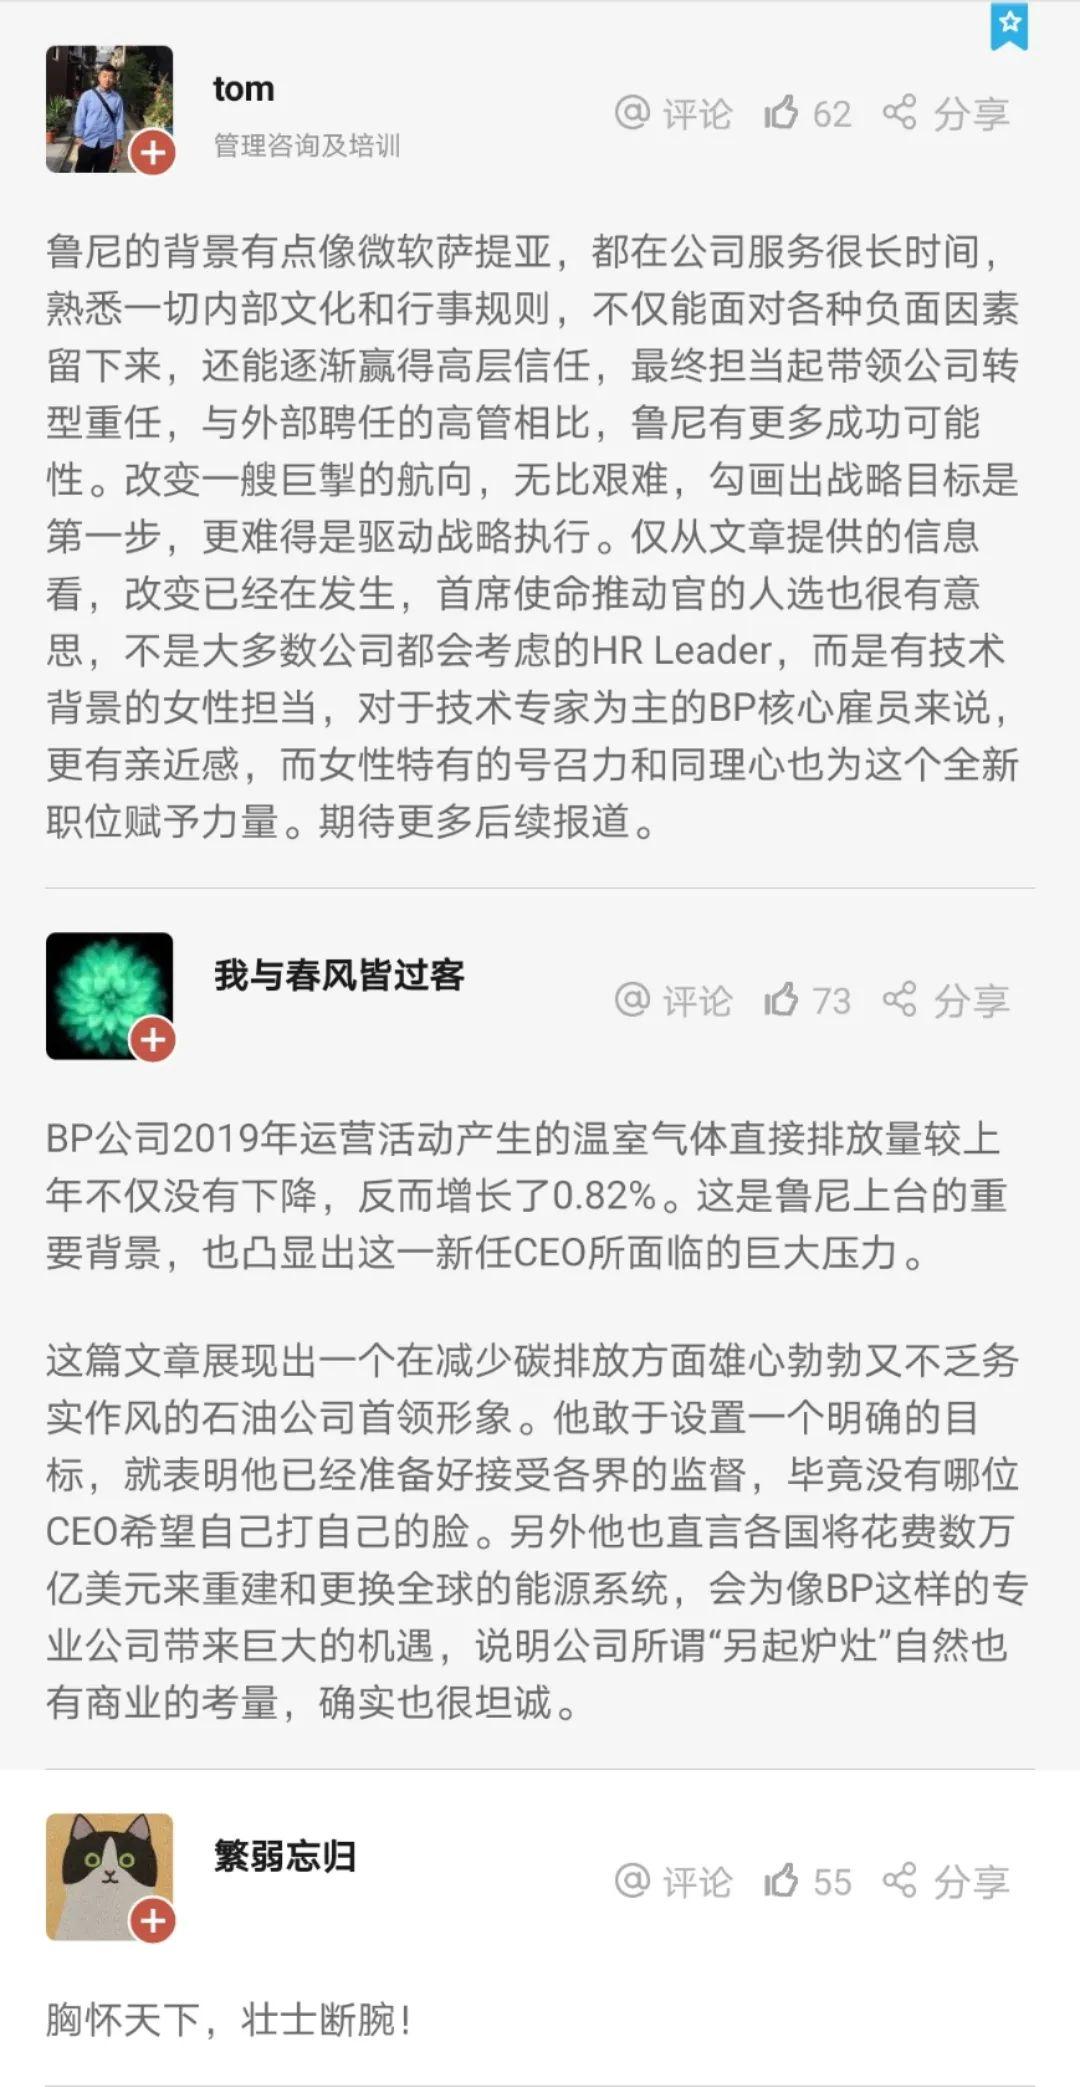 世卫构造:齐球新冠肺炎确诊病例新删275499例